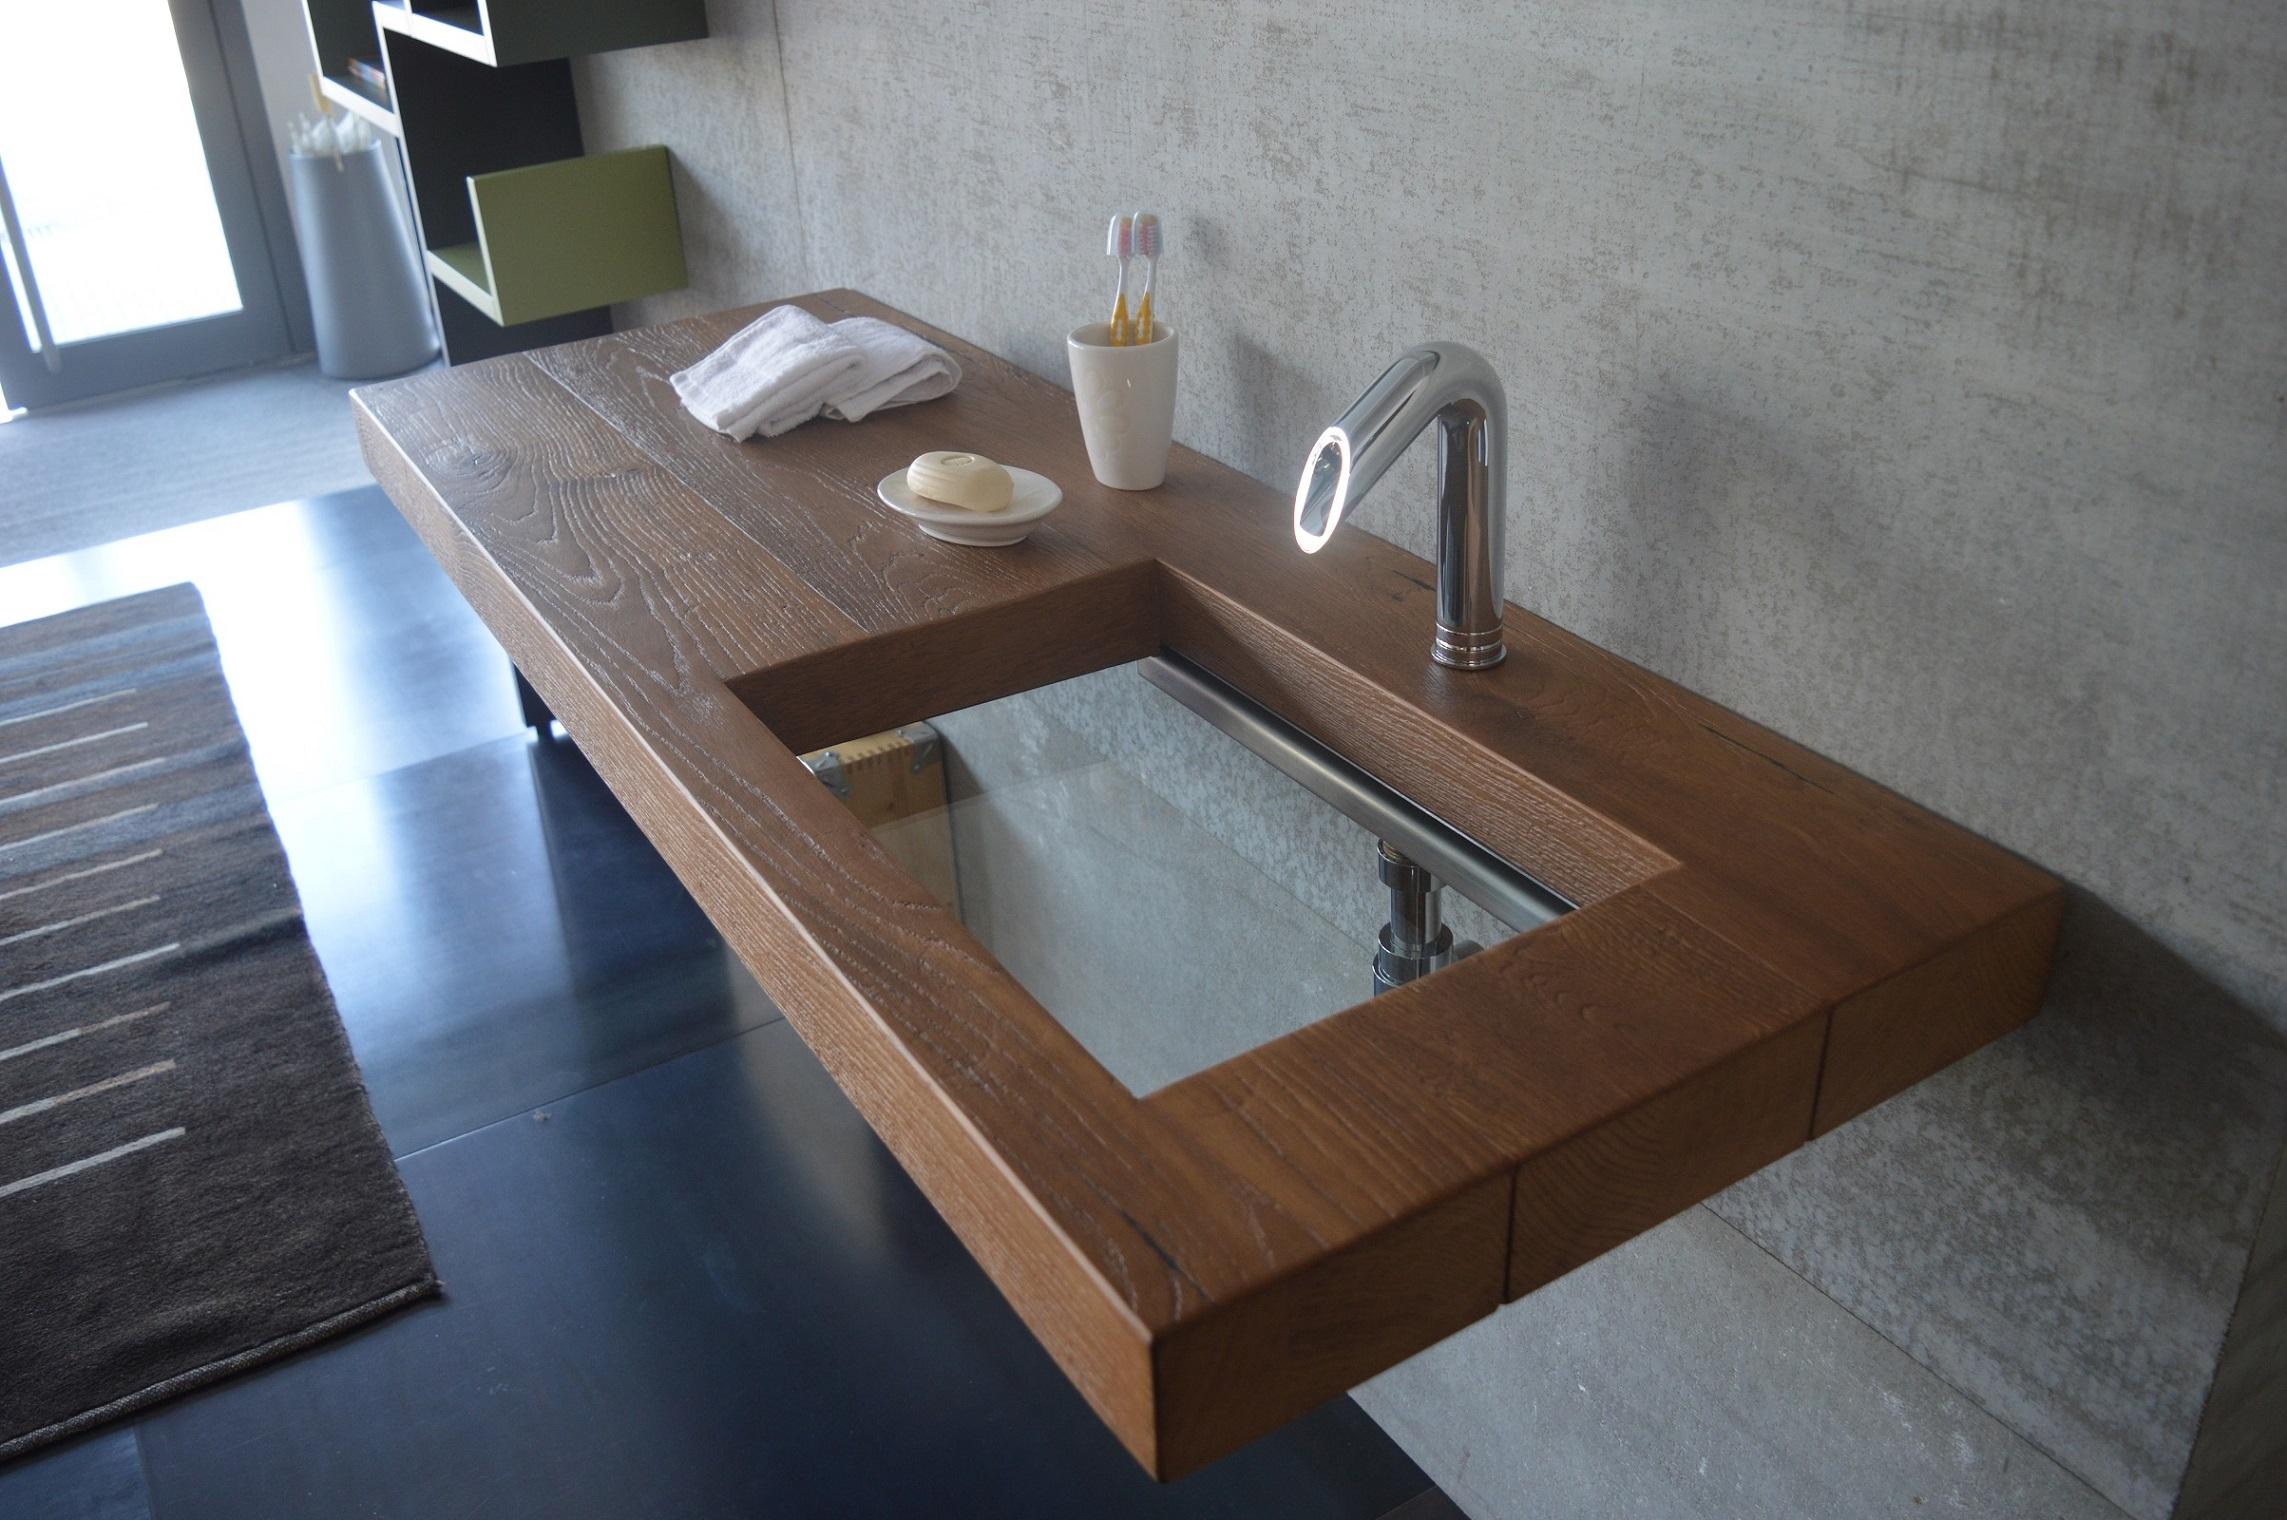 lavabo lago depth scontato del 30% - arredo bagno a prezzi scontati - Arredo Bagno Lago